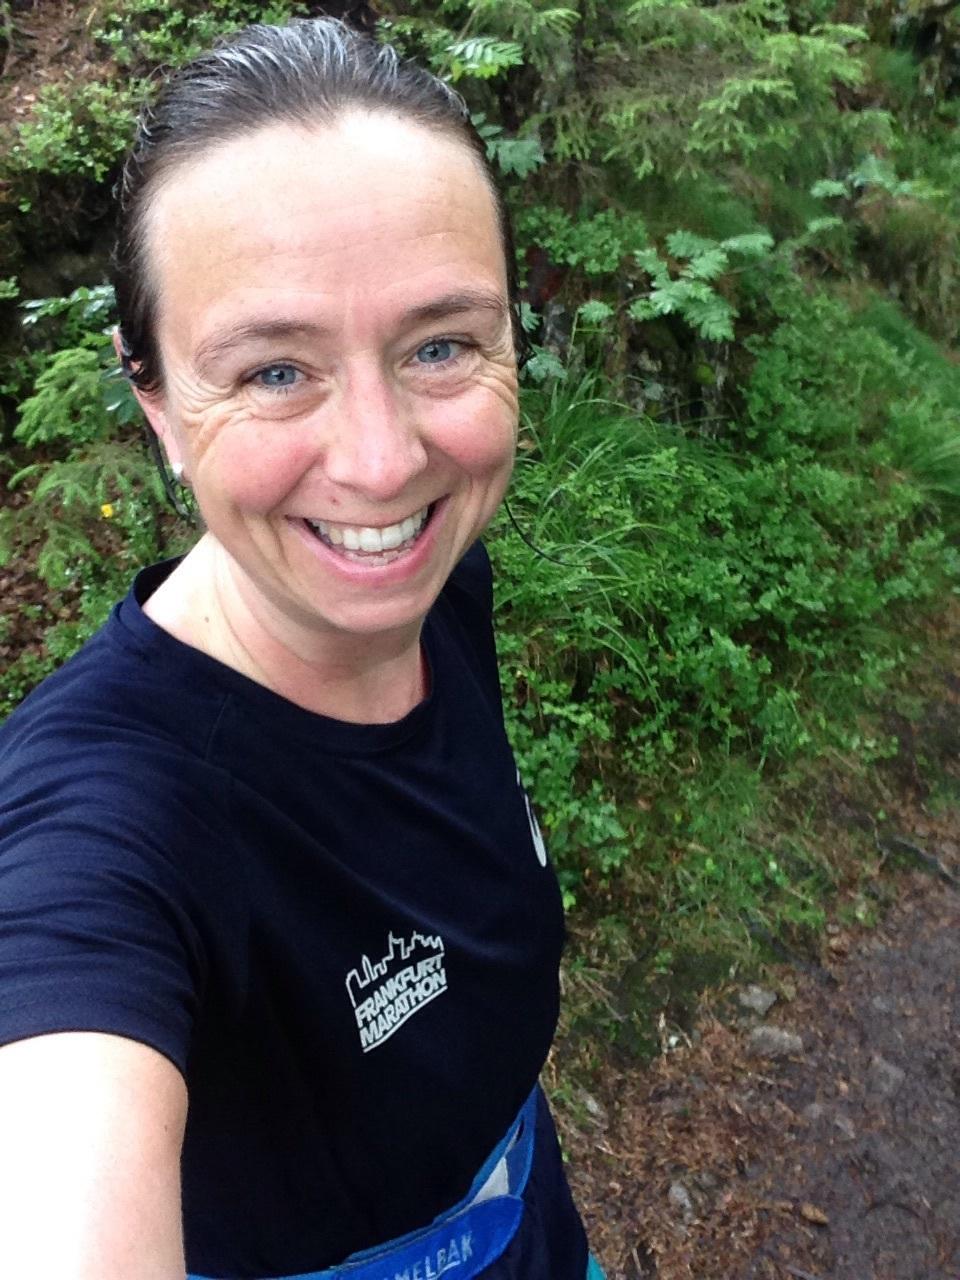 Vanskelig å begrense smilet etter 30 km i øs-pøs i beste nordmarka